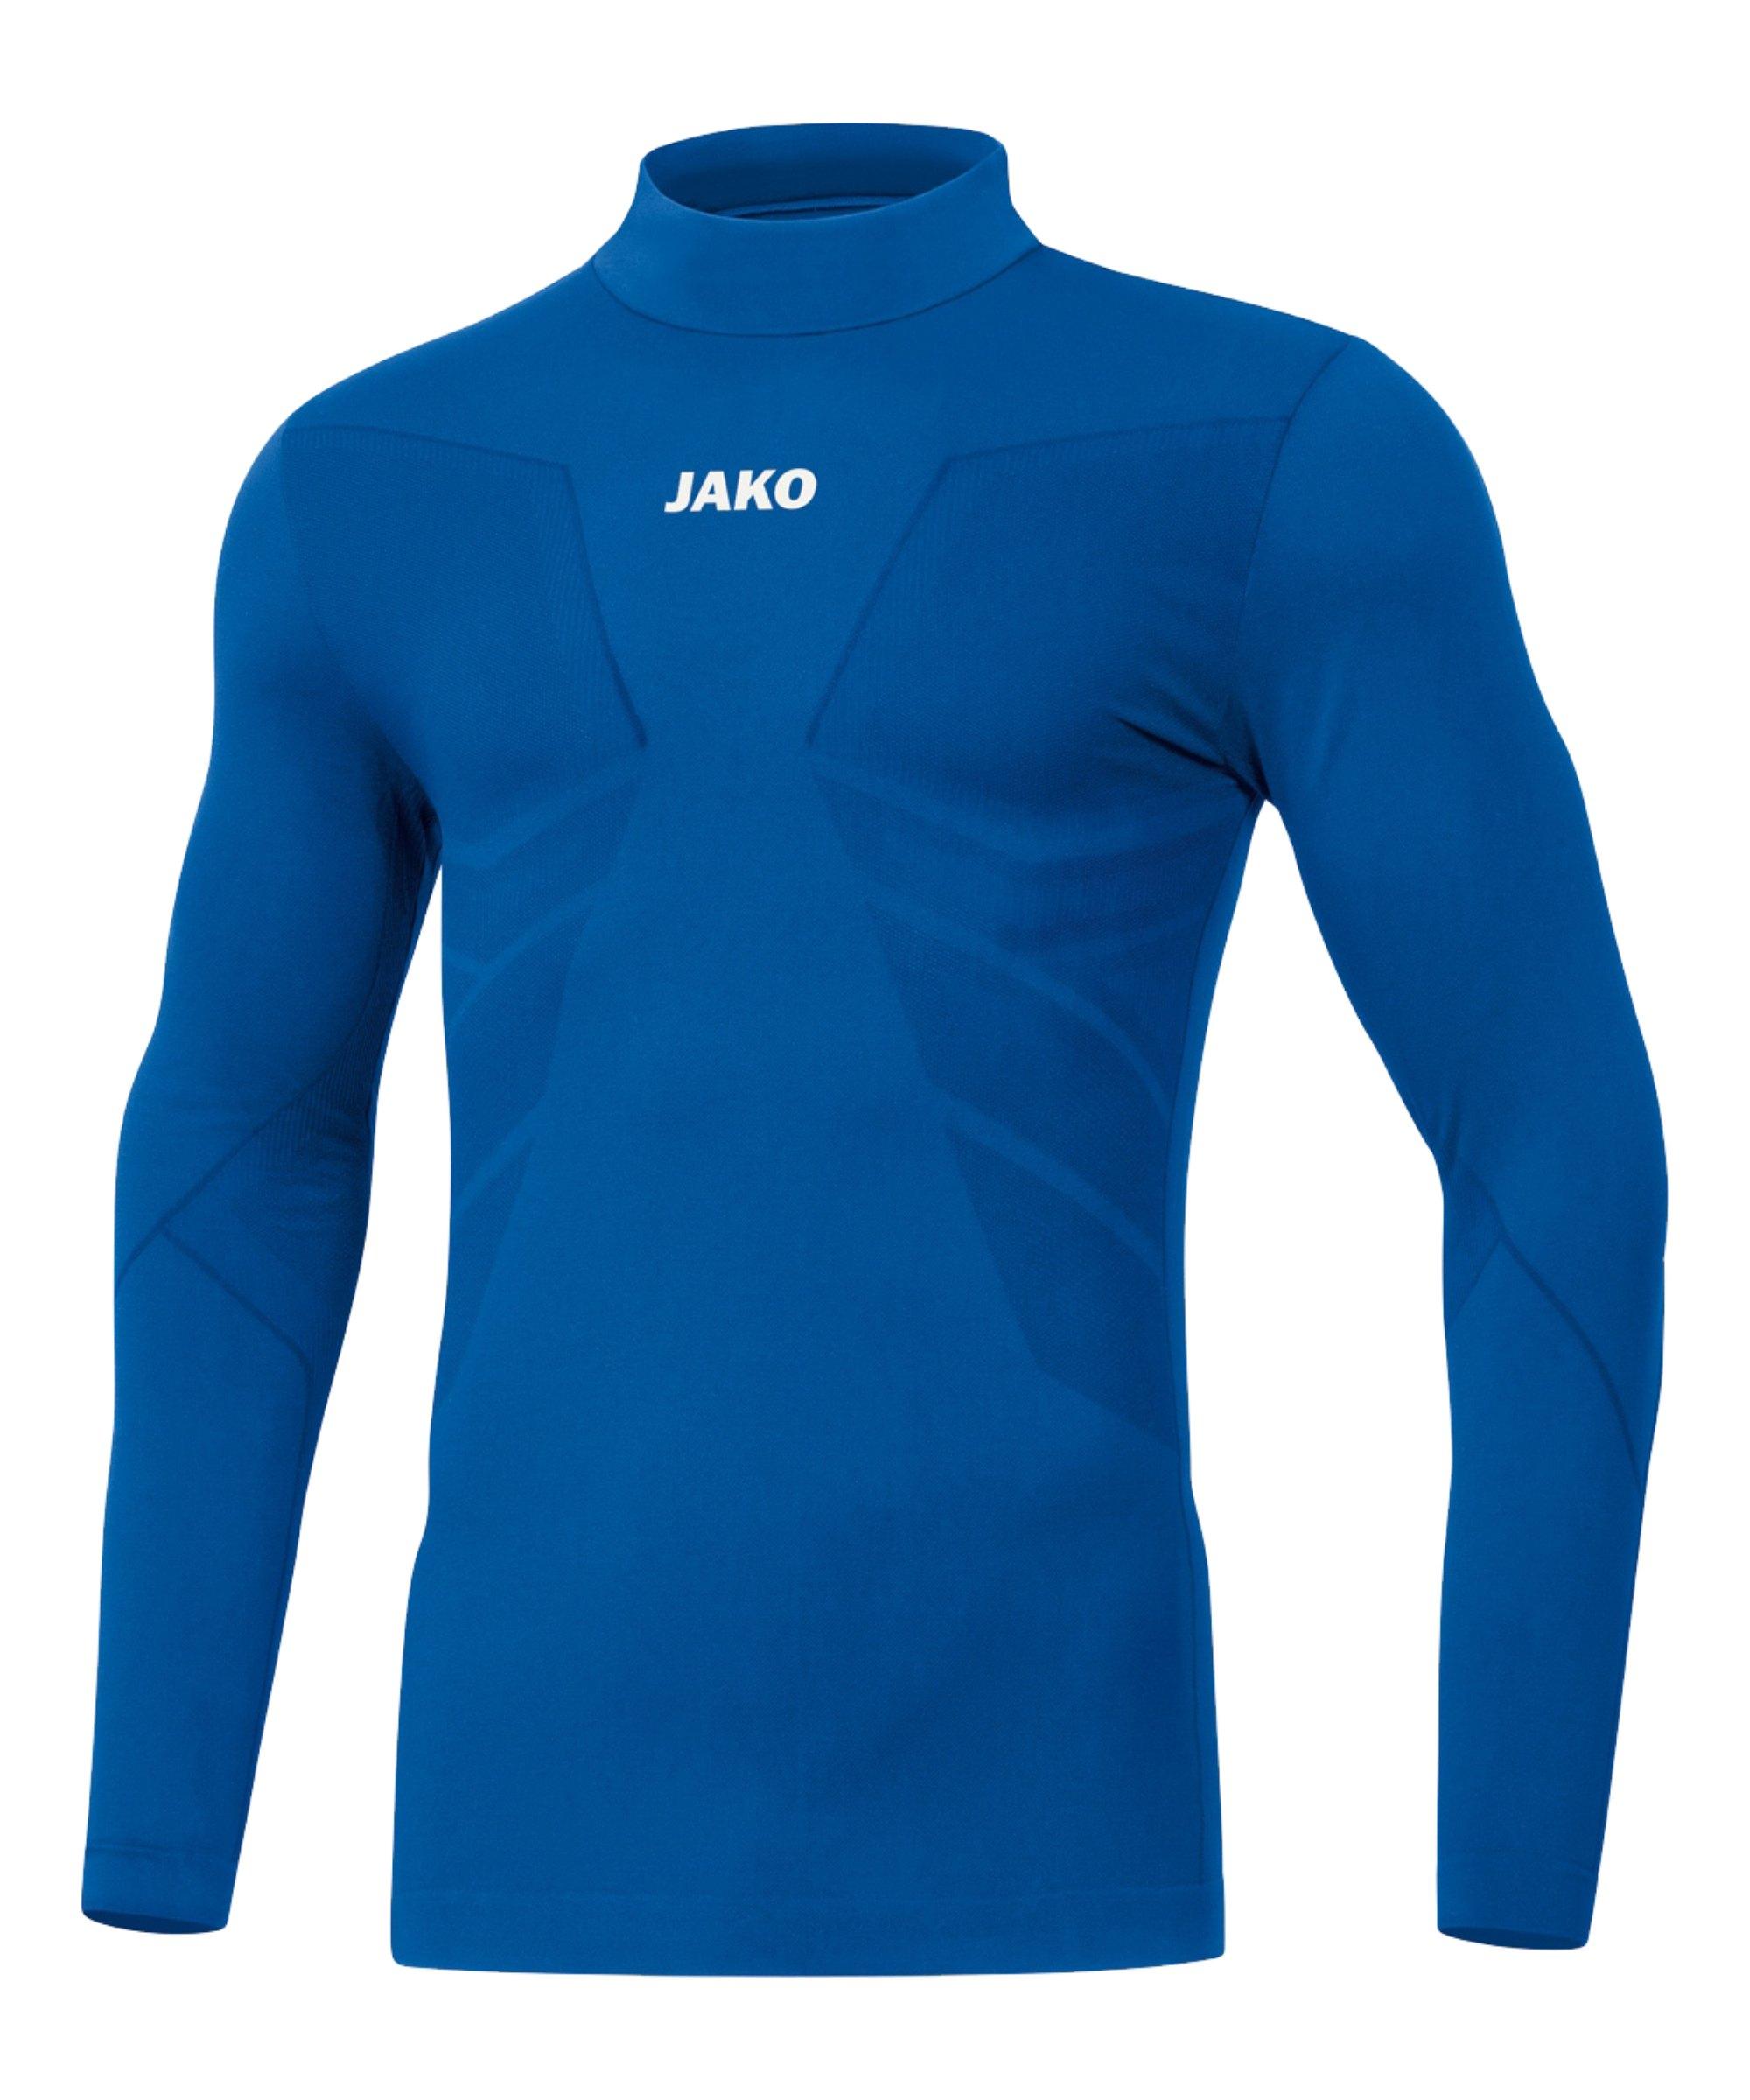 JAKO Comfort 2.0 Turtleneck Kids Blau F04 - blau